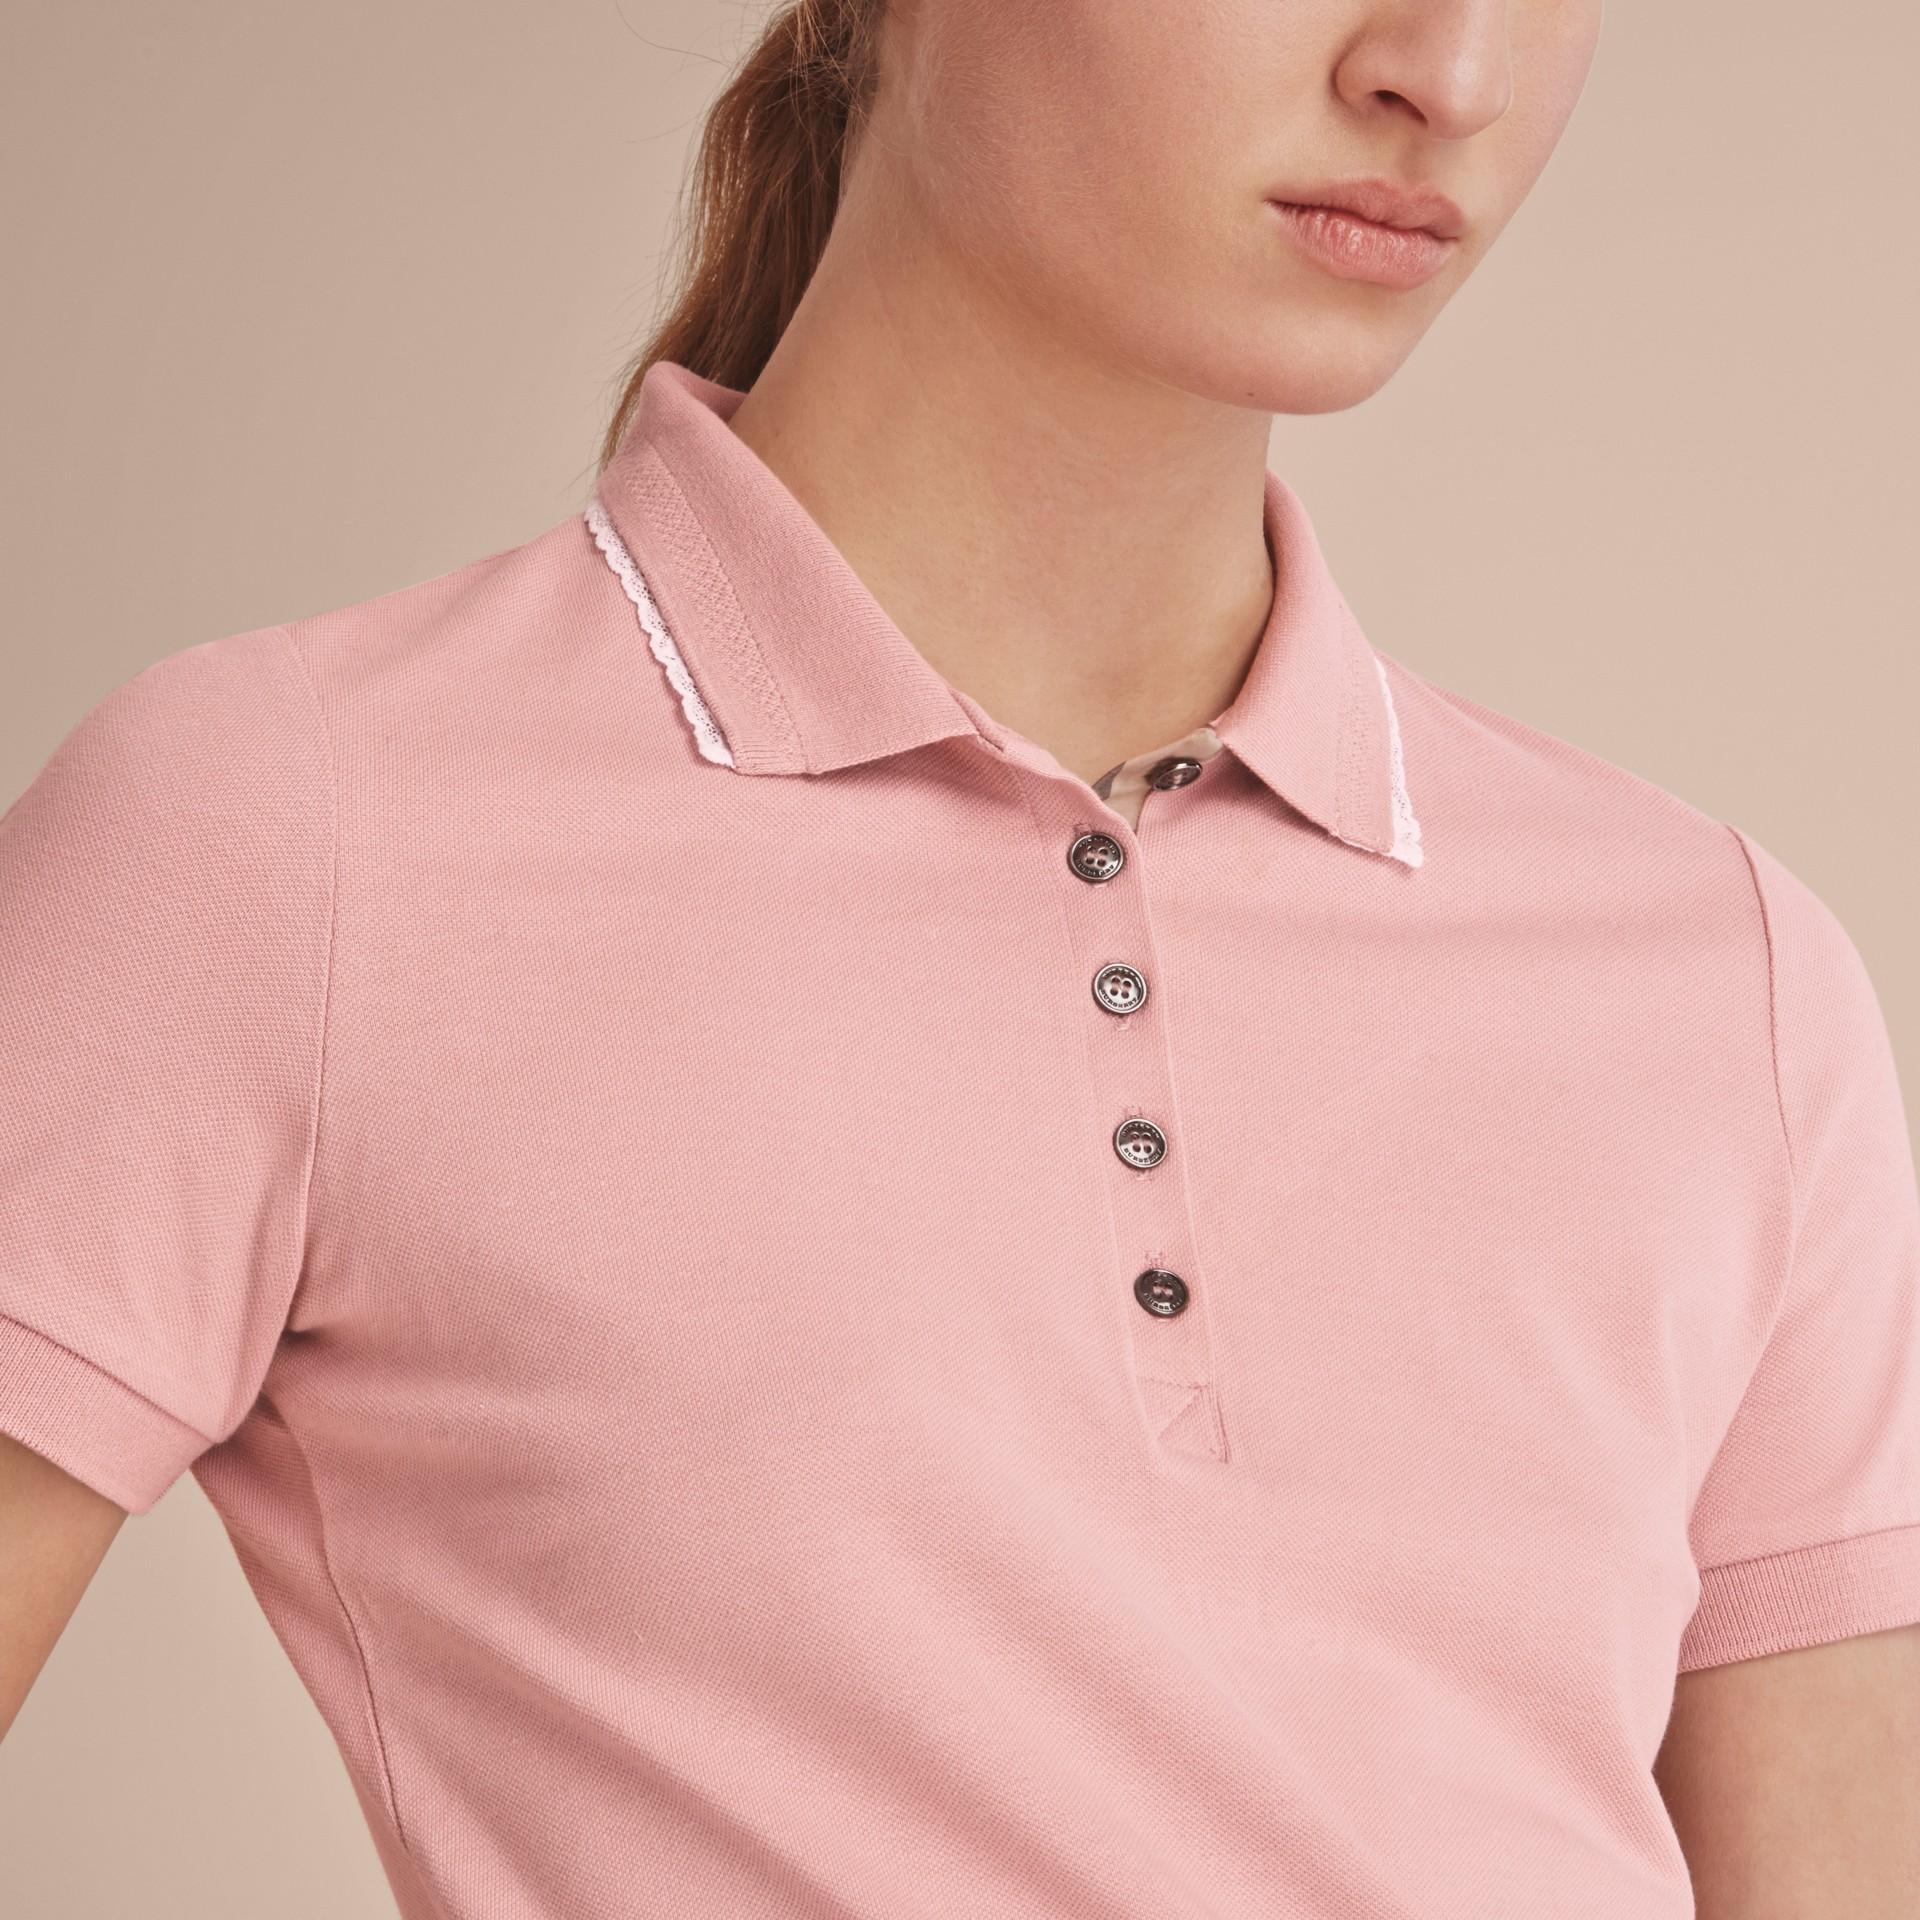 Poloshirt aus einer Baumwollmischung mit Spitzenbesatz und Karodetail (Nudefarben) - Damen | Burberry - Galerie-Bild 5